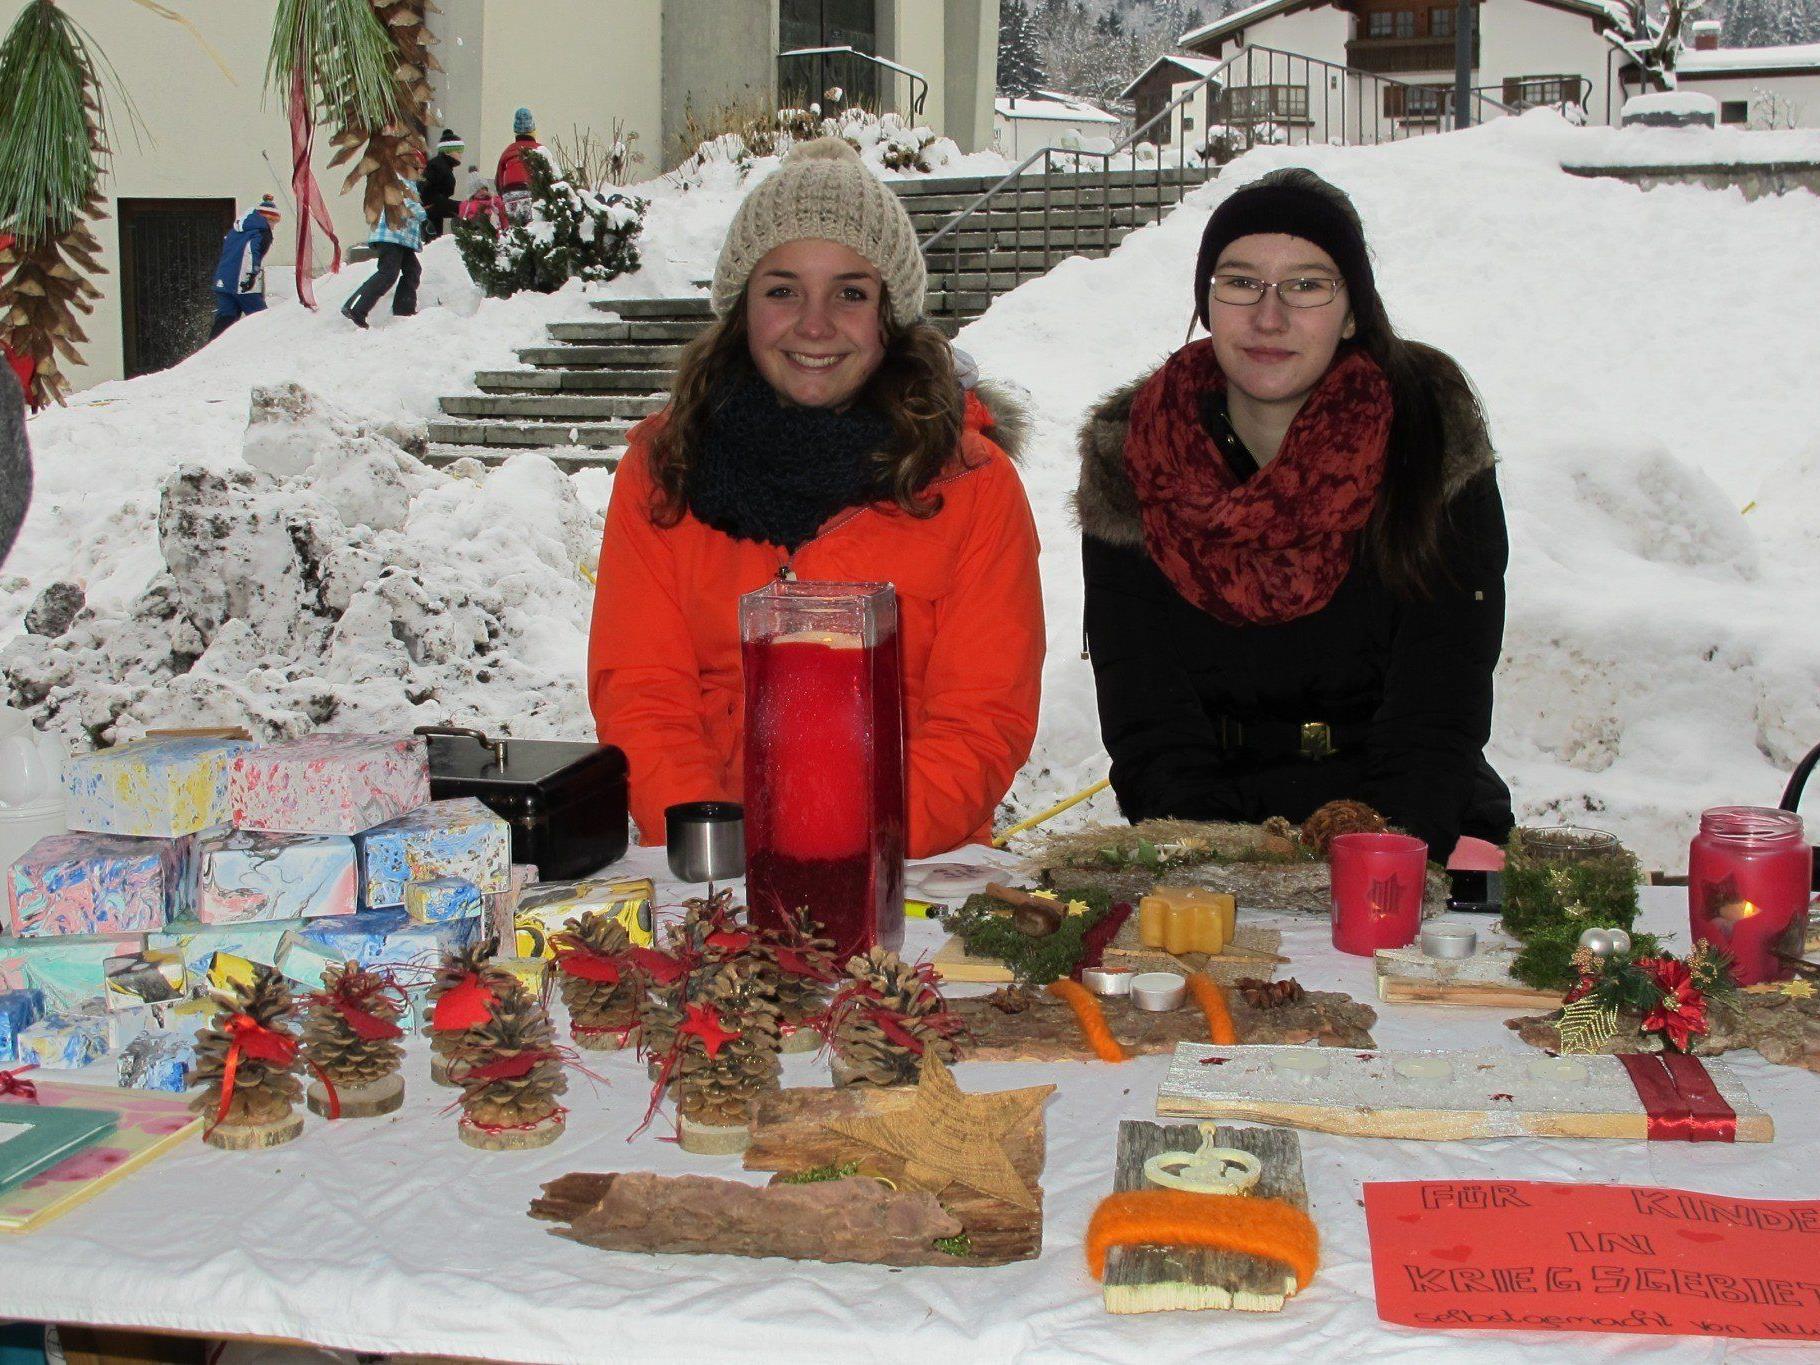 Tolle Unikate konnten beim Adventmarkt erworben werden.